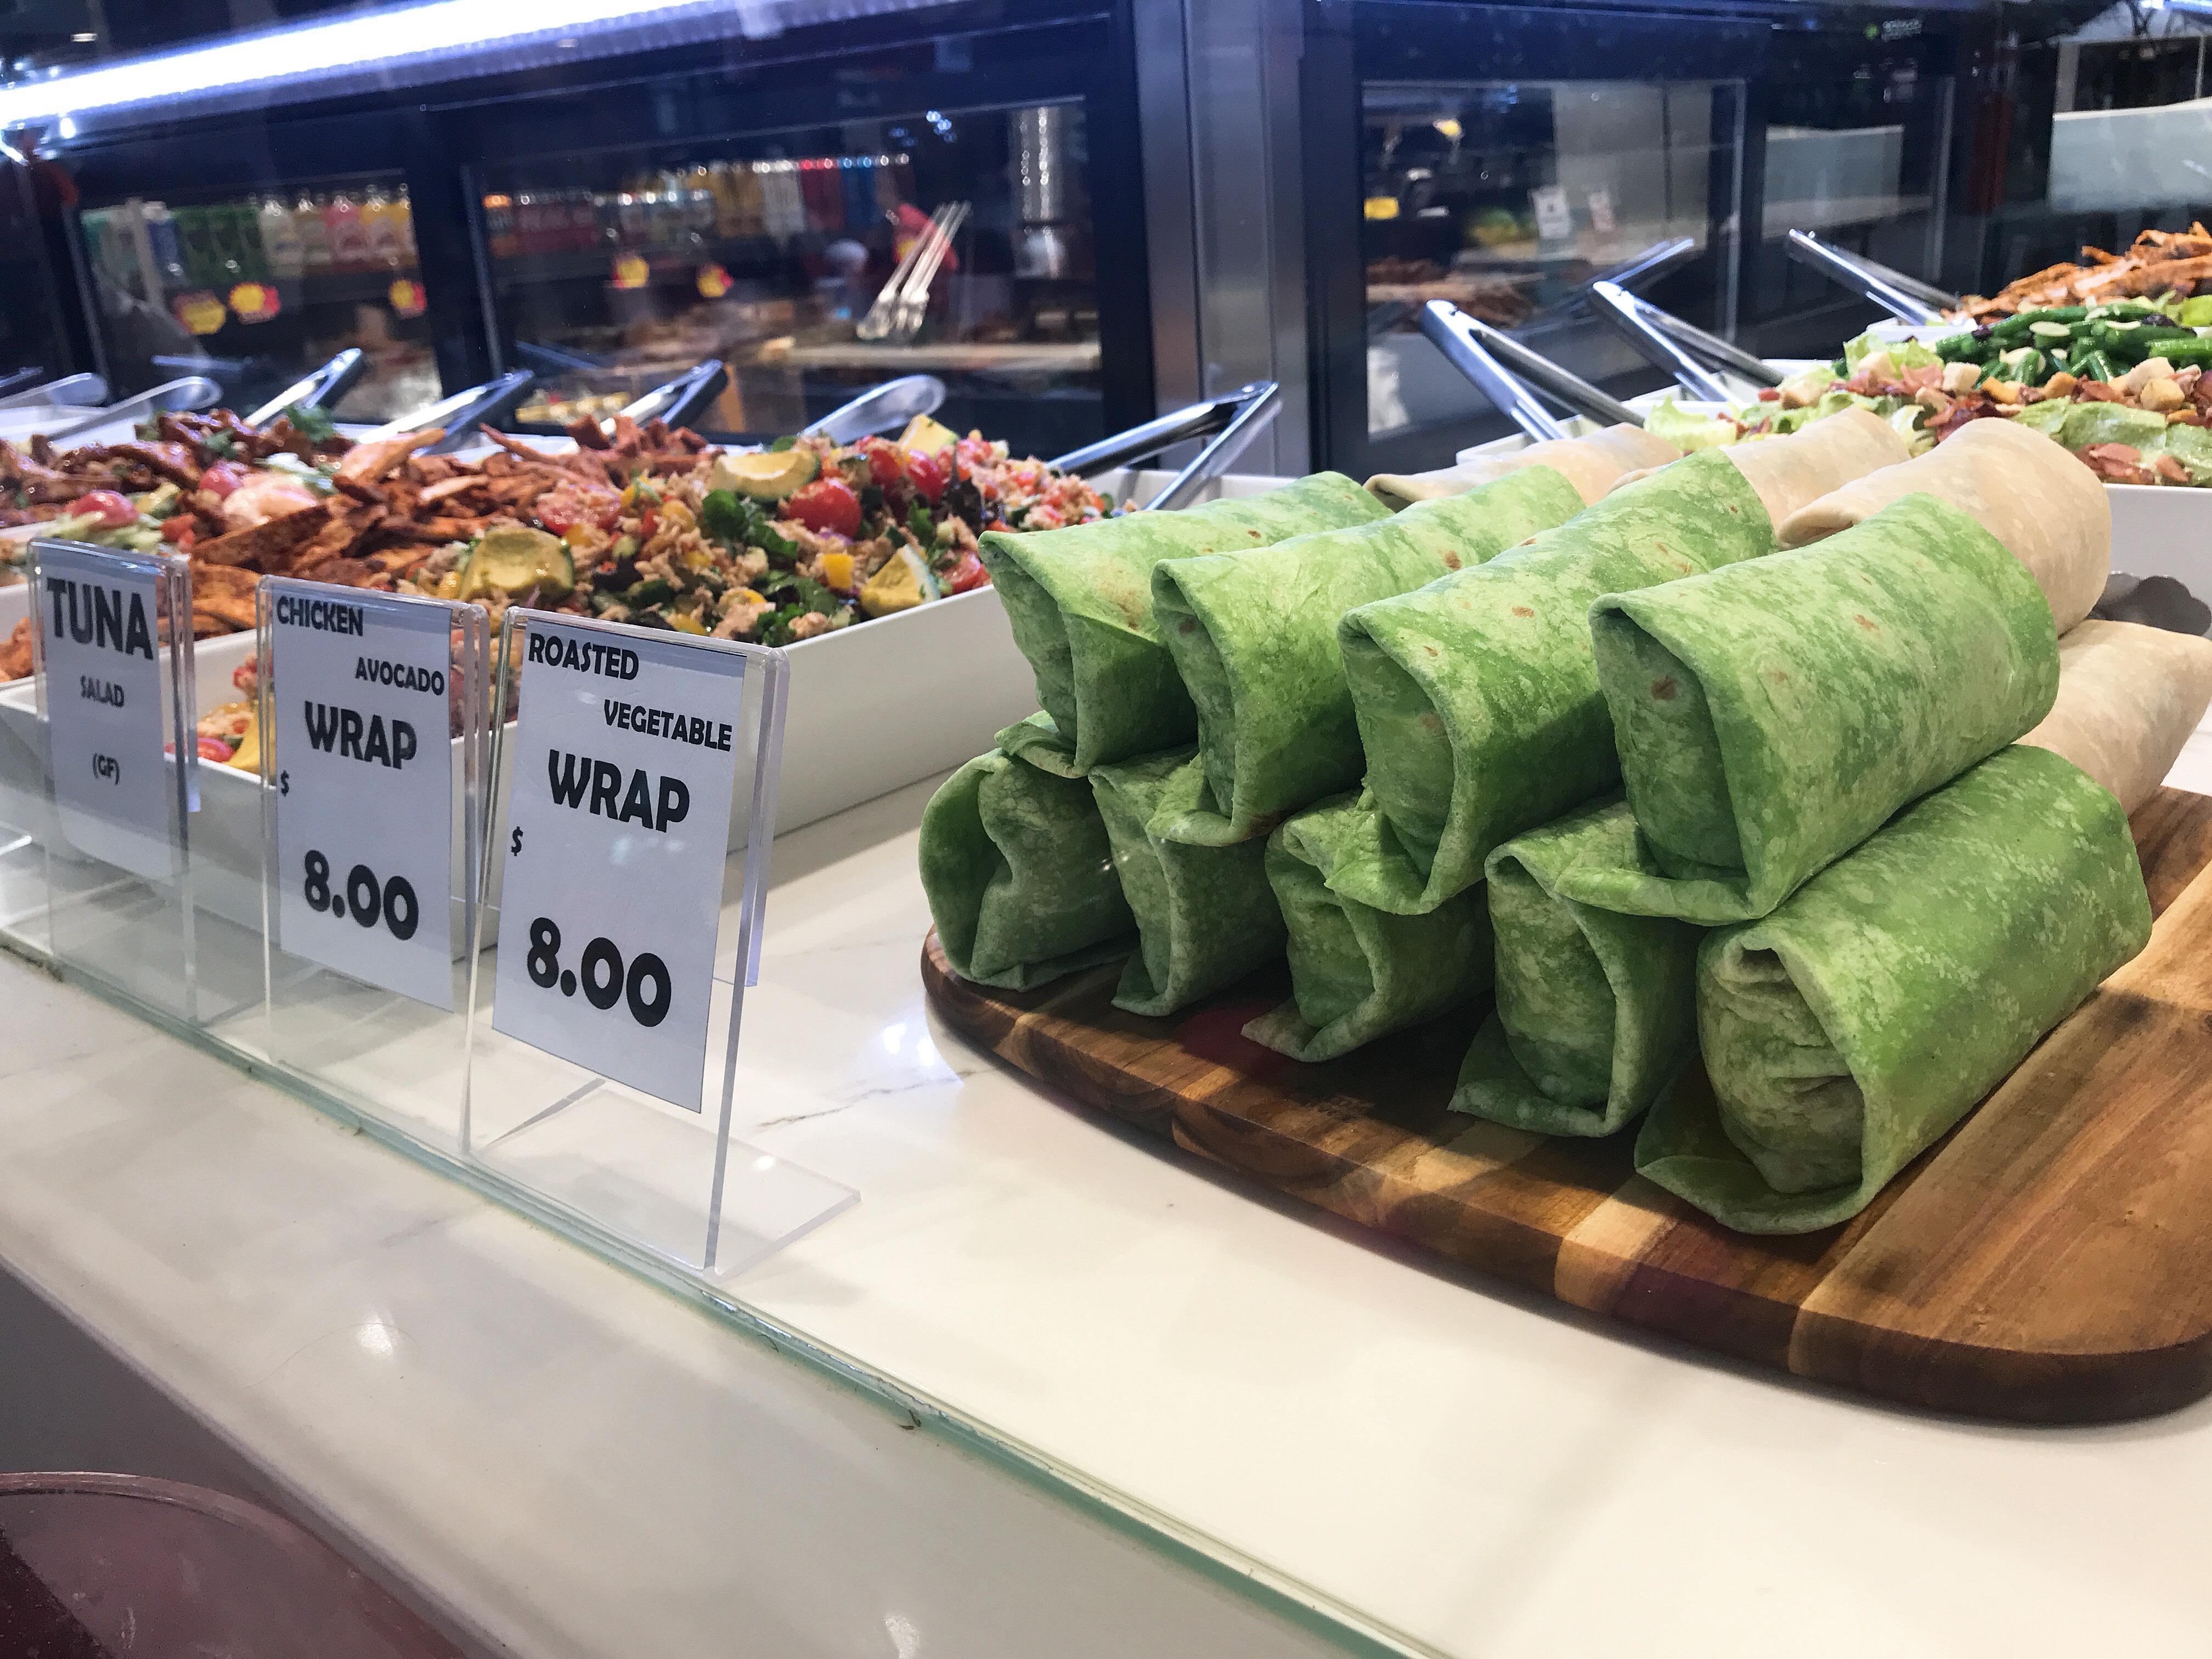 Busy fresh food takeaway shop for sale in major Sydney train station 3.jpg